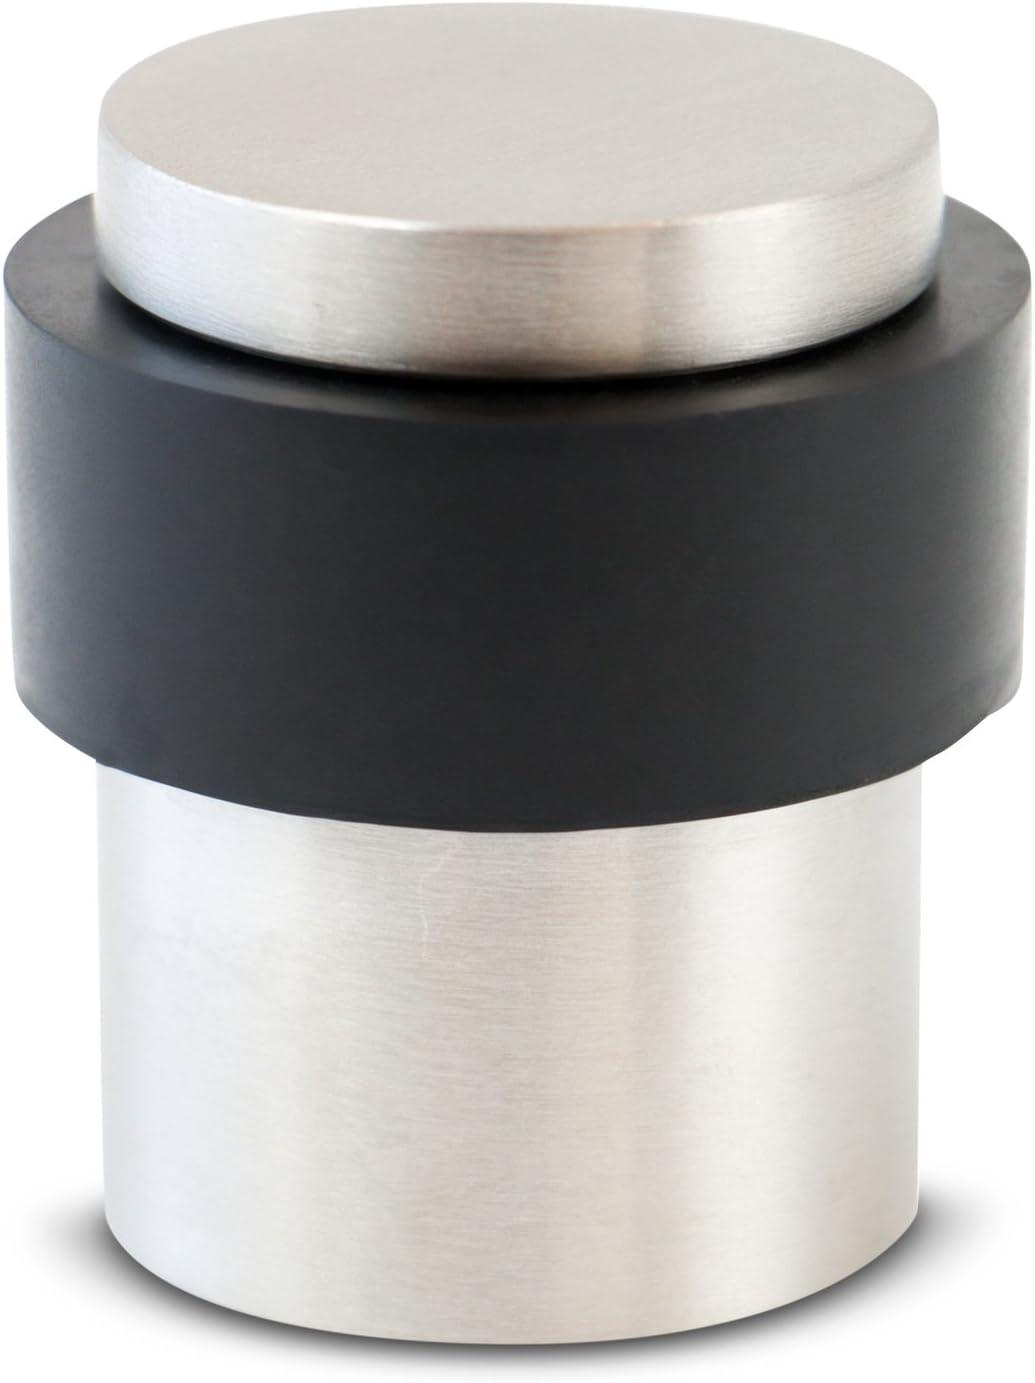 Stoppwerk Topes para puertas de acero inoxidable - Tope para montaje en el suelo - Ø 3,5 cm Altura: 4 cm - Tope de puerta